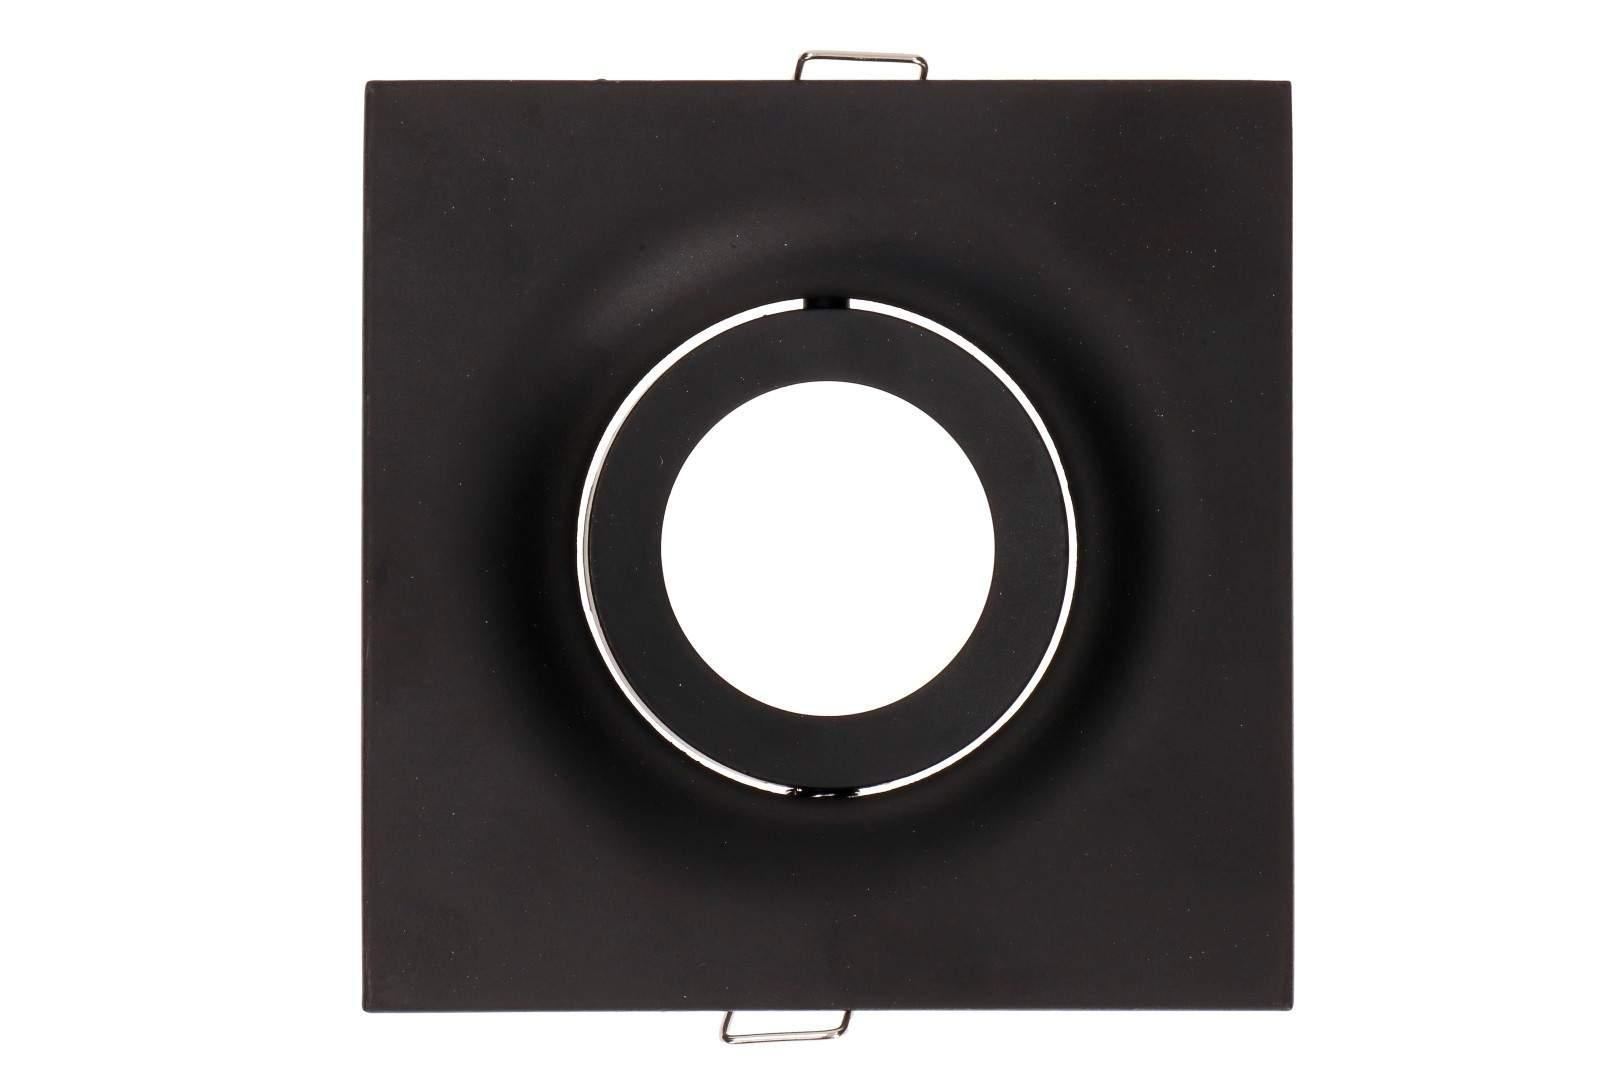 Рамка светильника Рамка светильника  BCR 2 черный квадрат